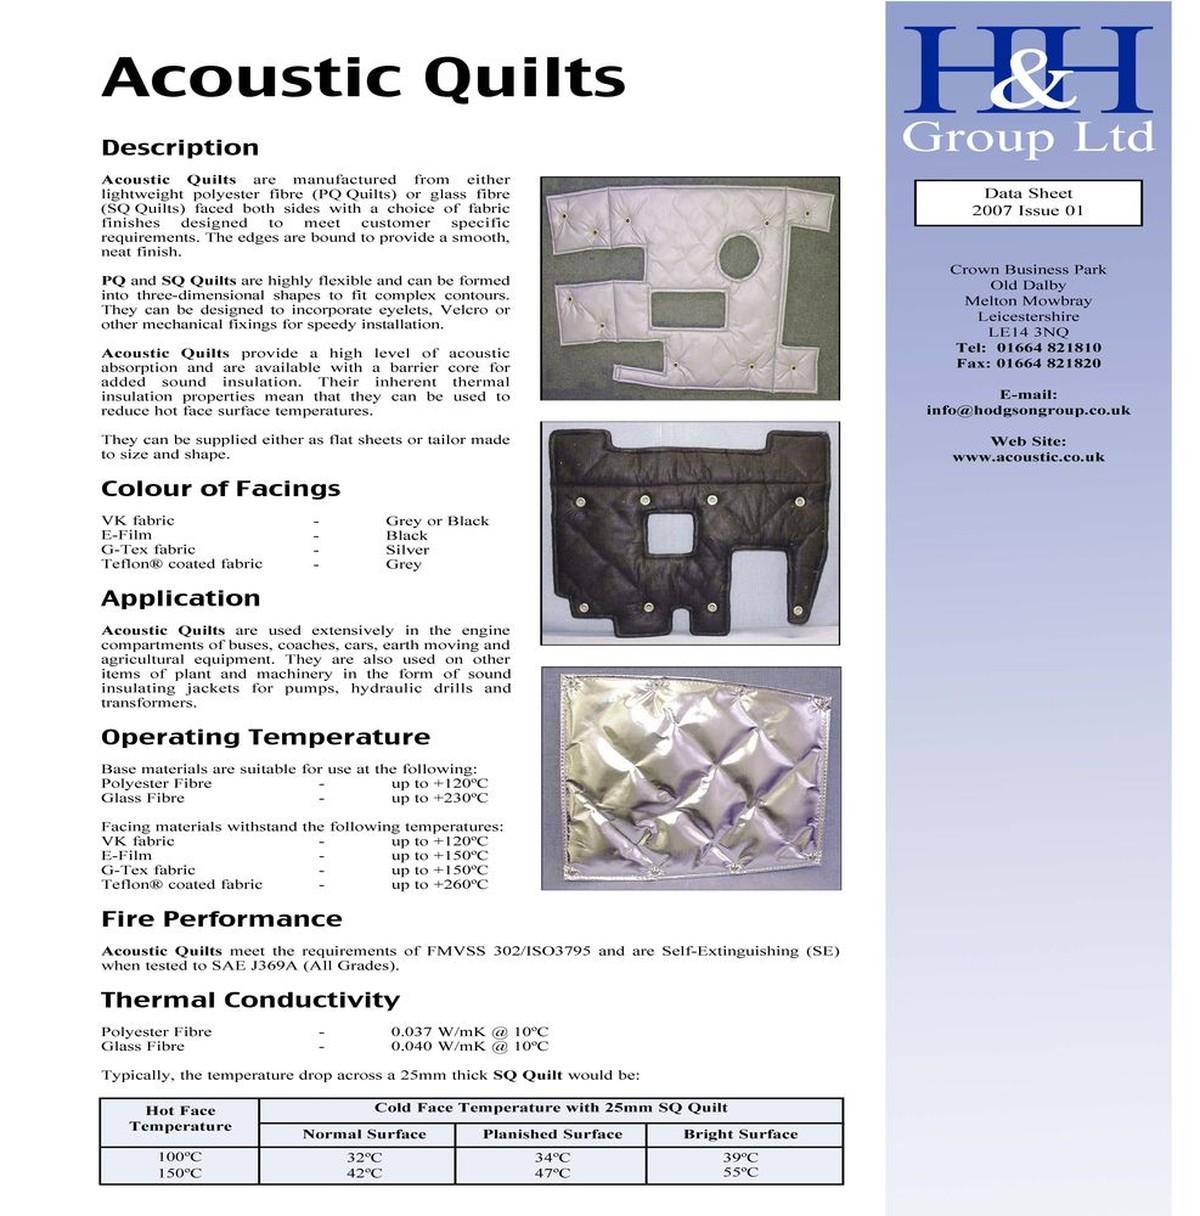 Secondhand Sound and Lighting Equipment | Sound Equipment | Sound ... : sound insulation quilt - Adamdwight.com